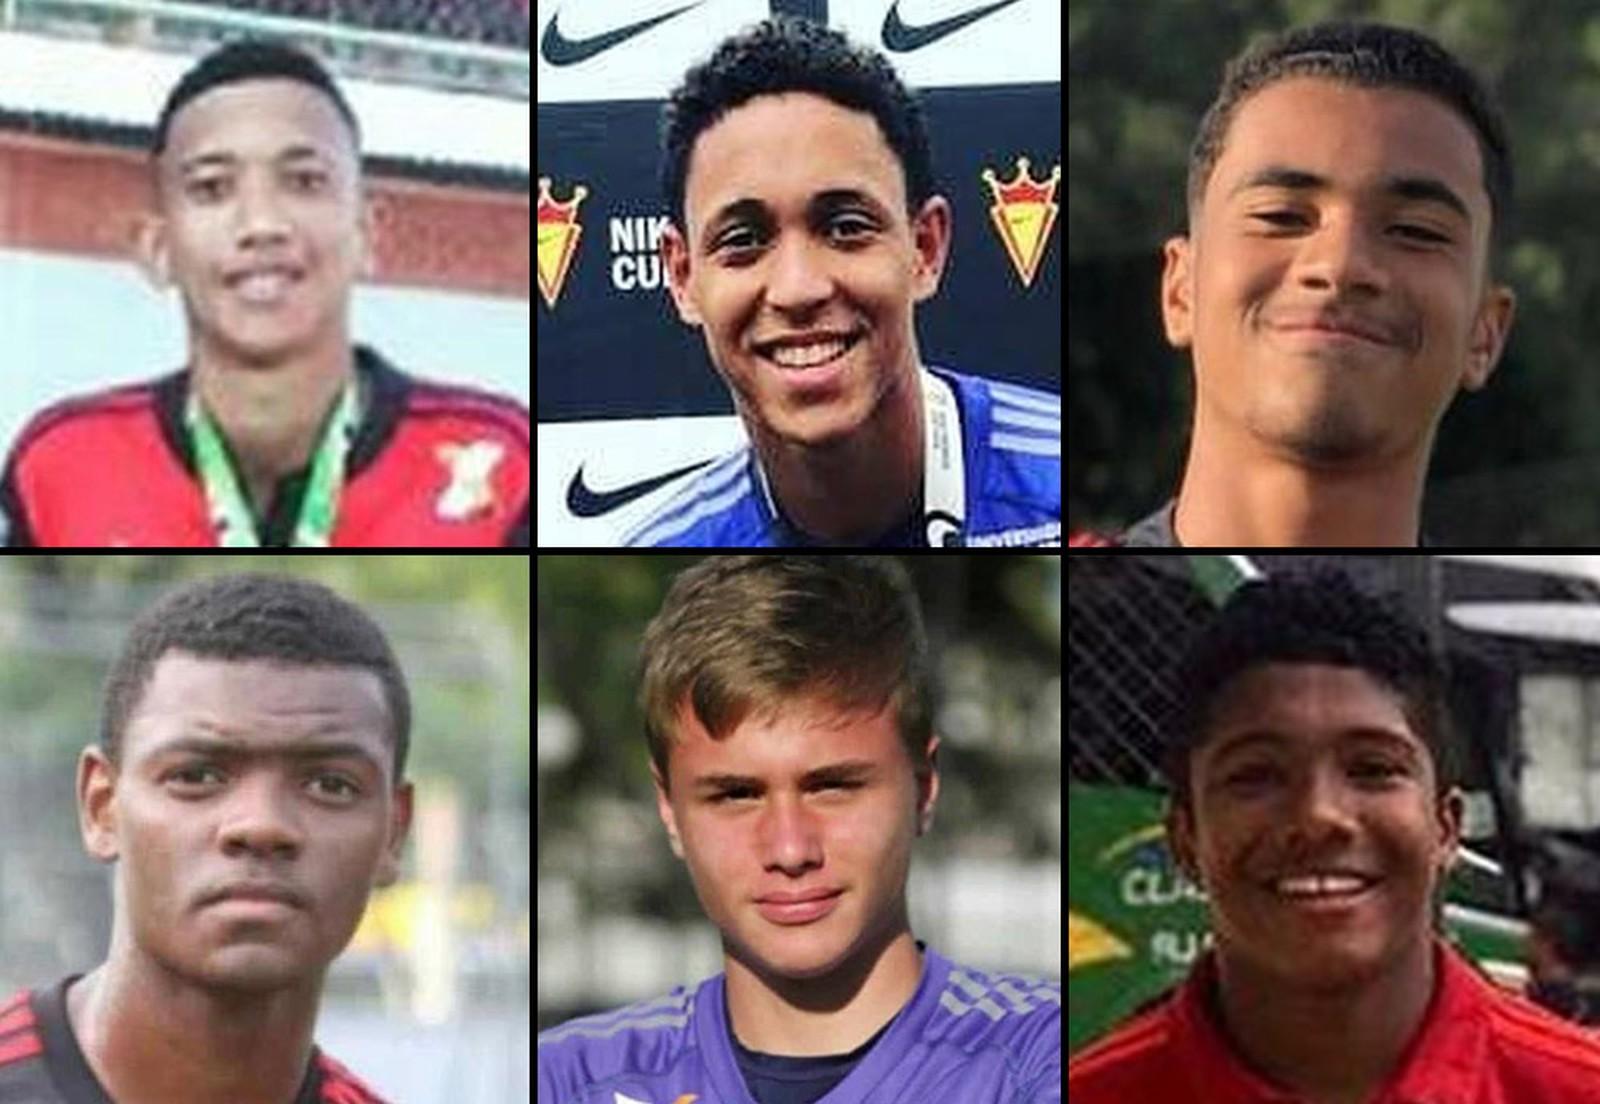 mortos-520x359 Atletas da base do Flamengo morrem em incêndio no CT Ninho do Urubu